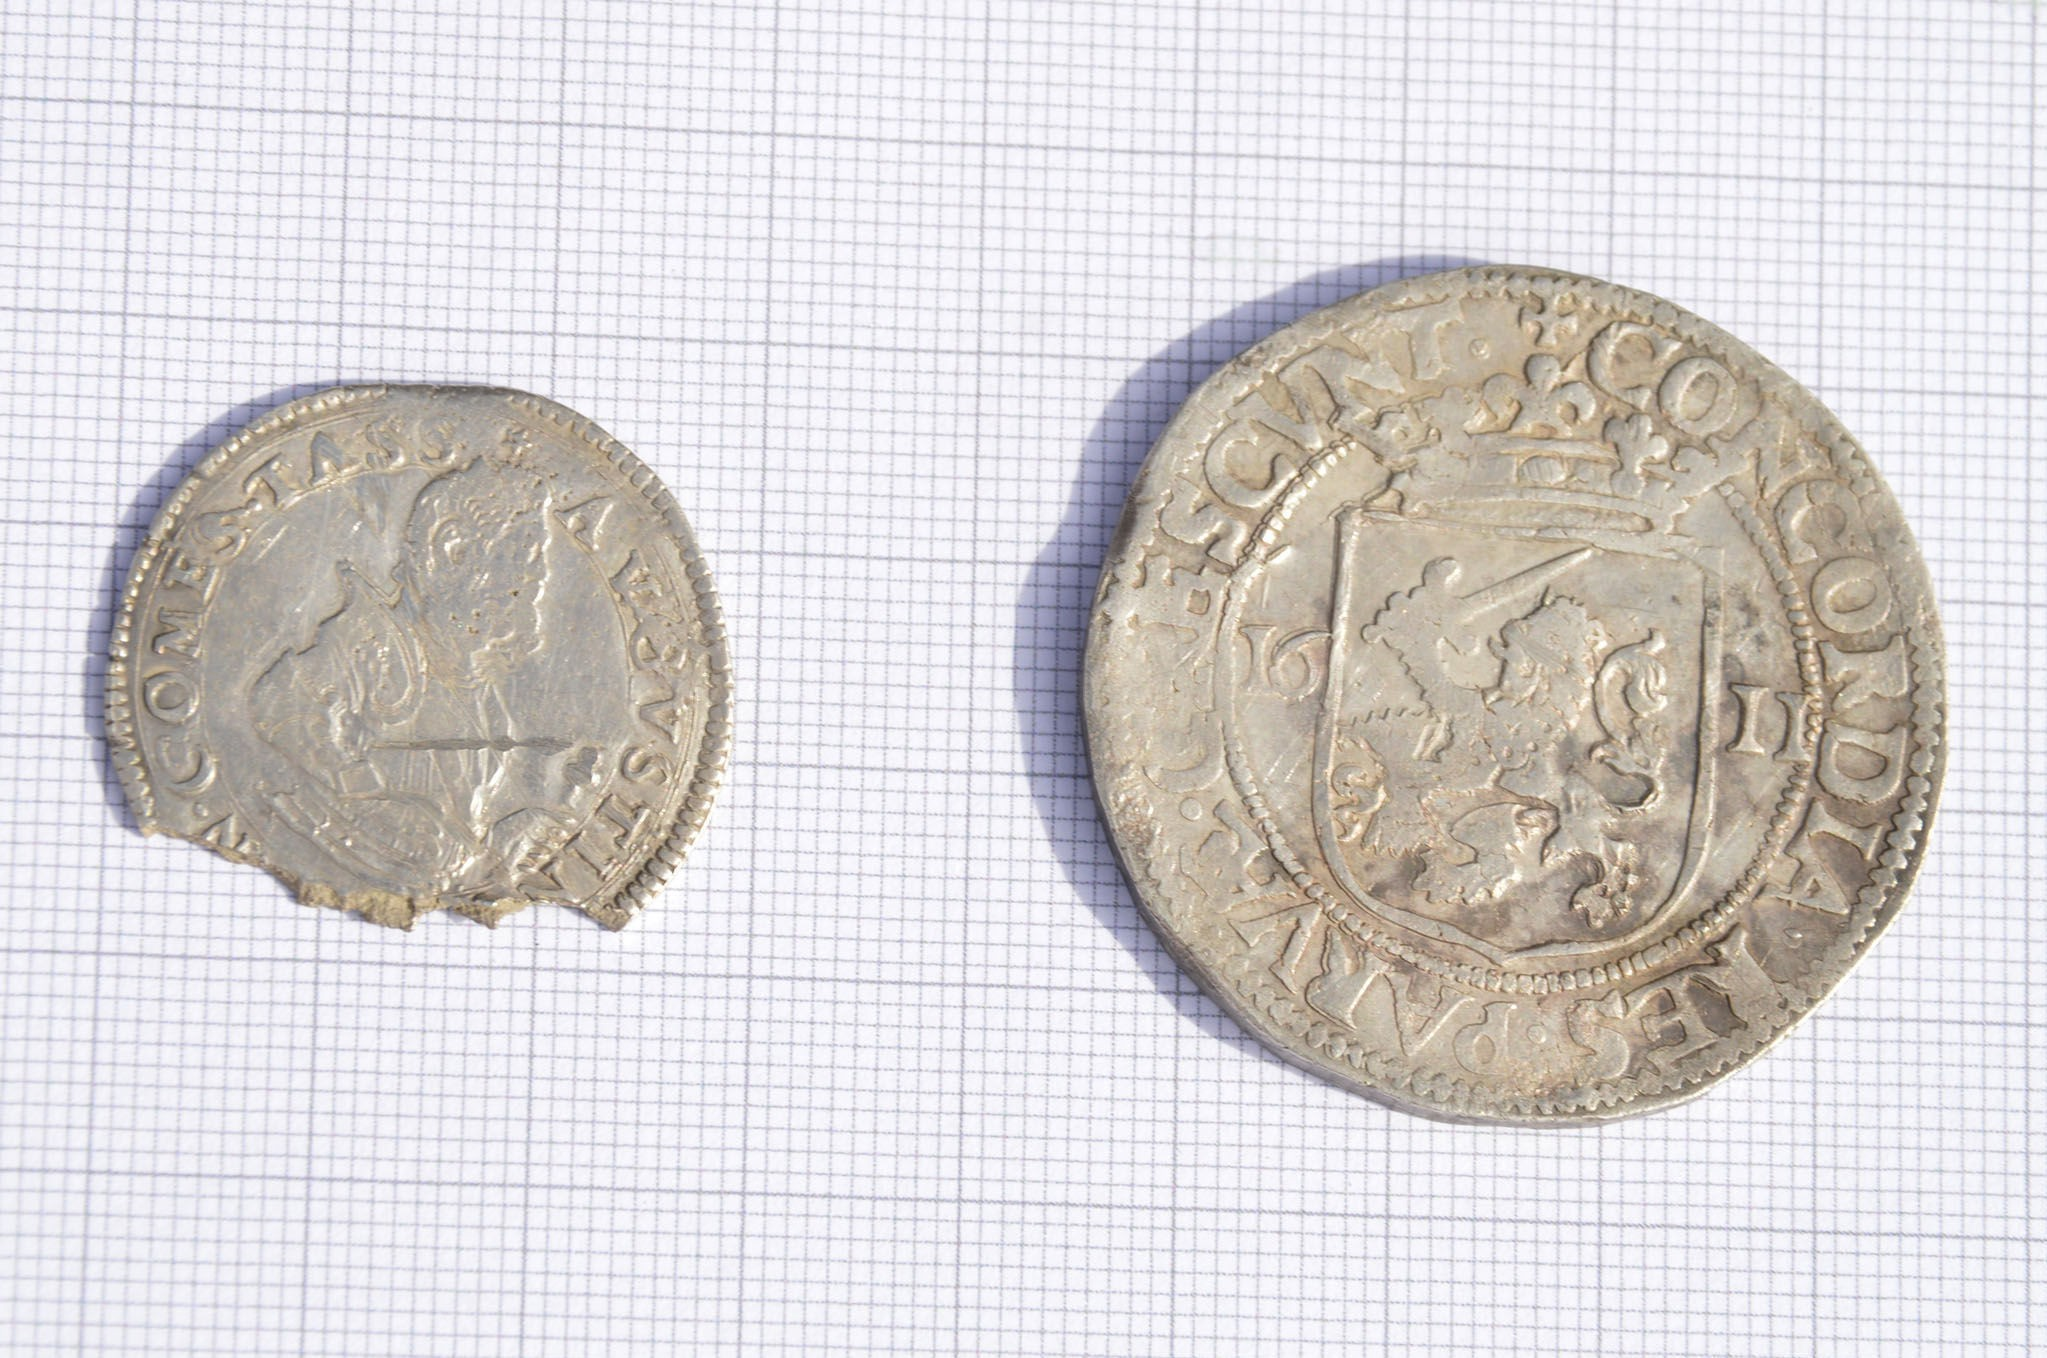 To uvanlig gamle mynter var resultatet da metallsøkeren pep på åkeren til Holt gård. En datert 1611, hel med vekt ca. 29 gram. Den andre brukket og uten årstall, på ca. fem gram. Finneren får ikke beholde fangsten. - Slike funn er innleveringspliktige, forteller han.